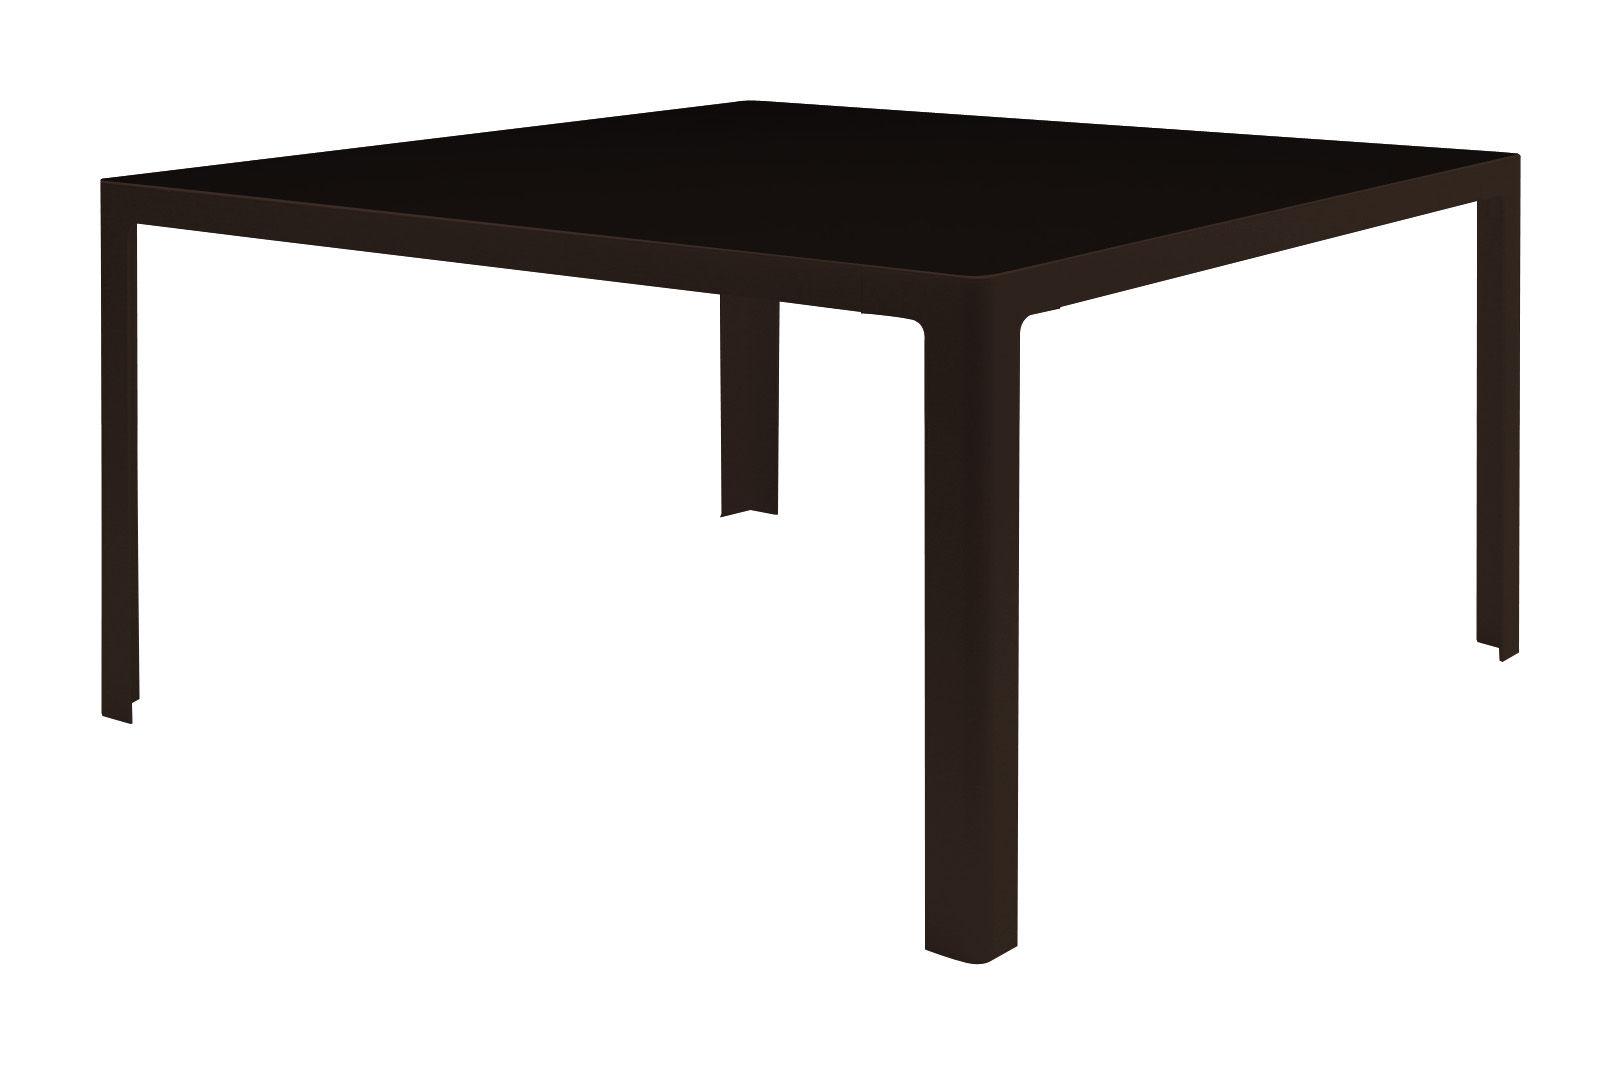 Tisch Metisse Von Zeus Tischplatte Schwarz Gestell Kupferschwarz